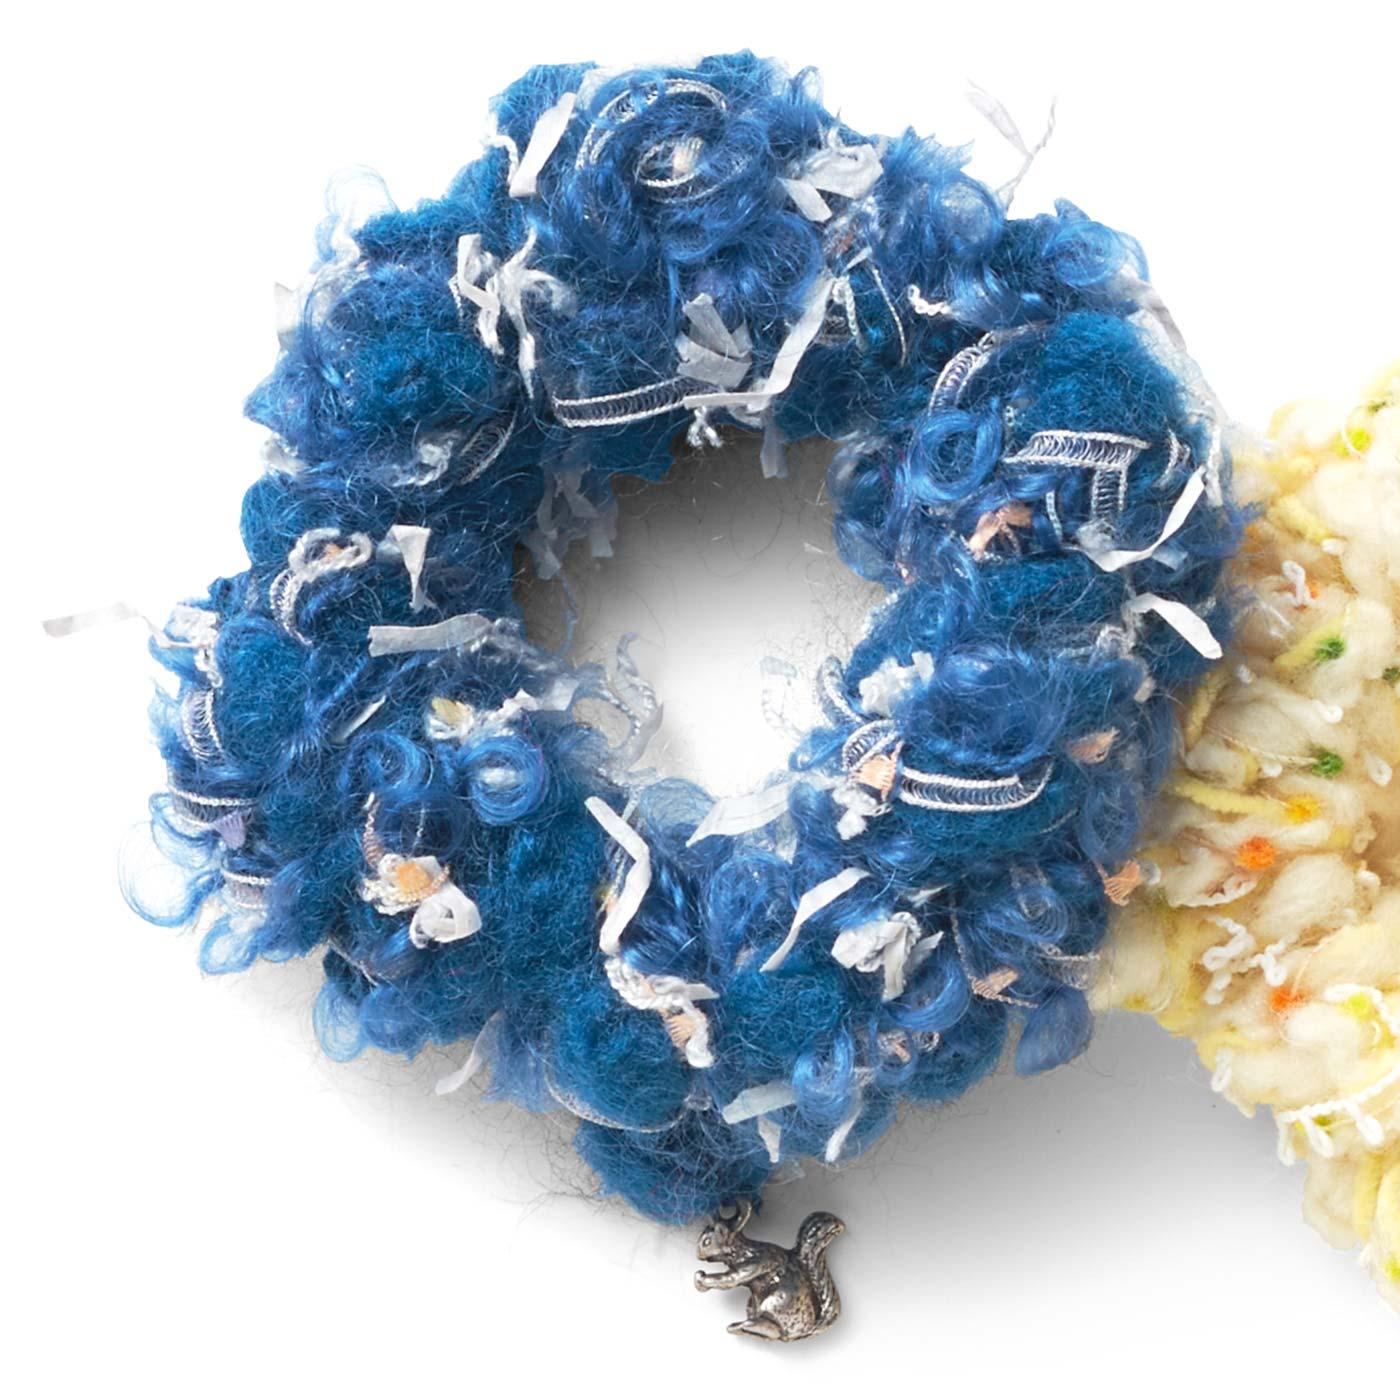 紺瑠璃(こんるり)のヤグルマギク